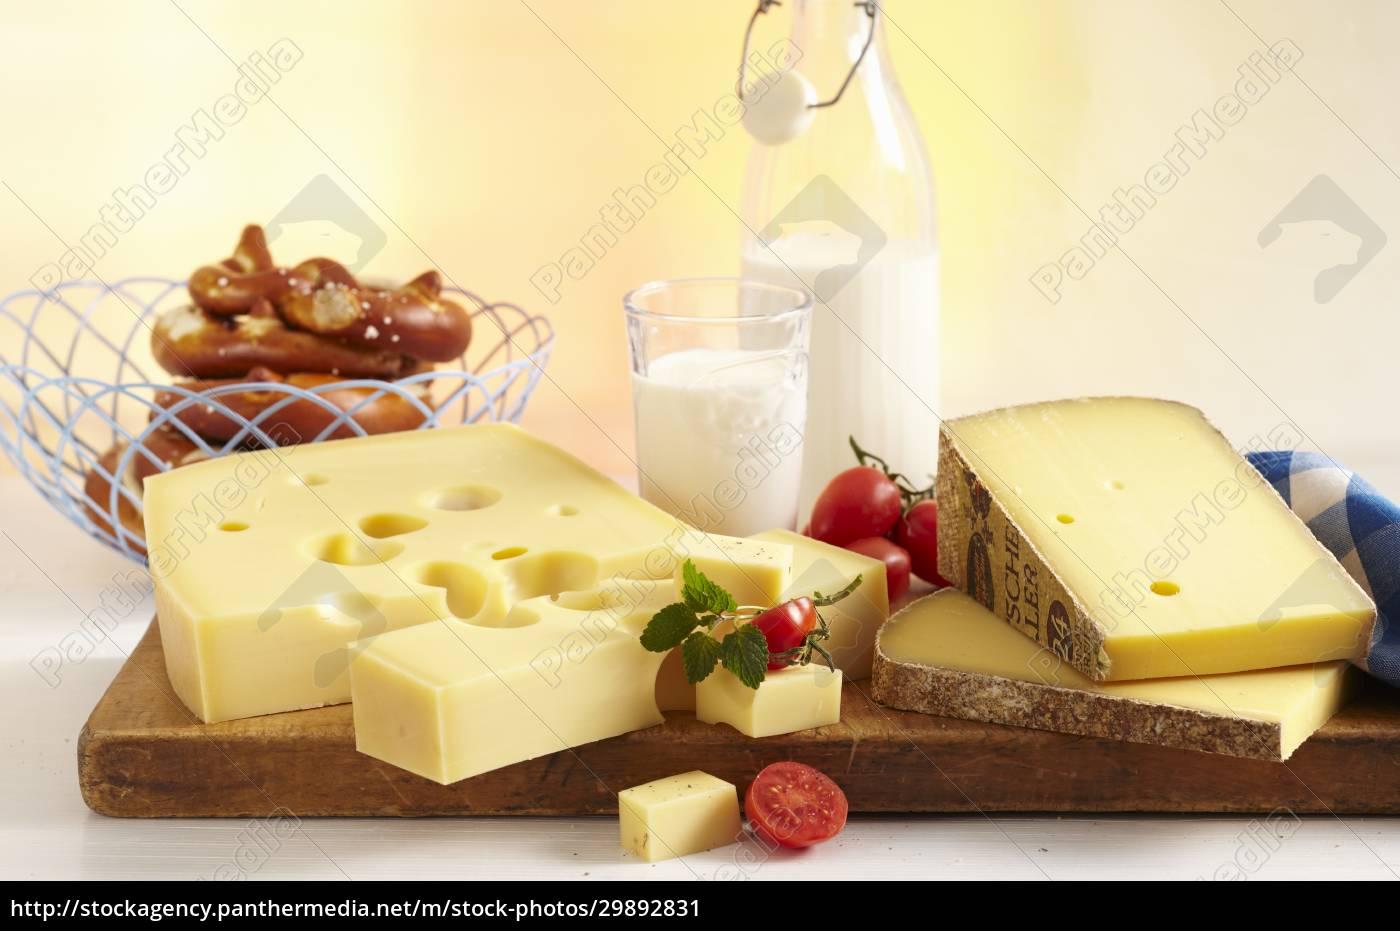 una, natura, morta, di, formaggio, con - 29892831